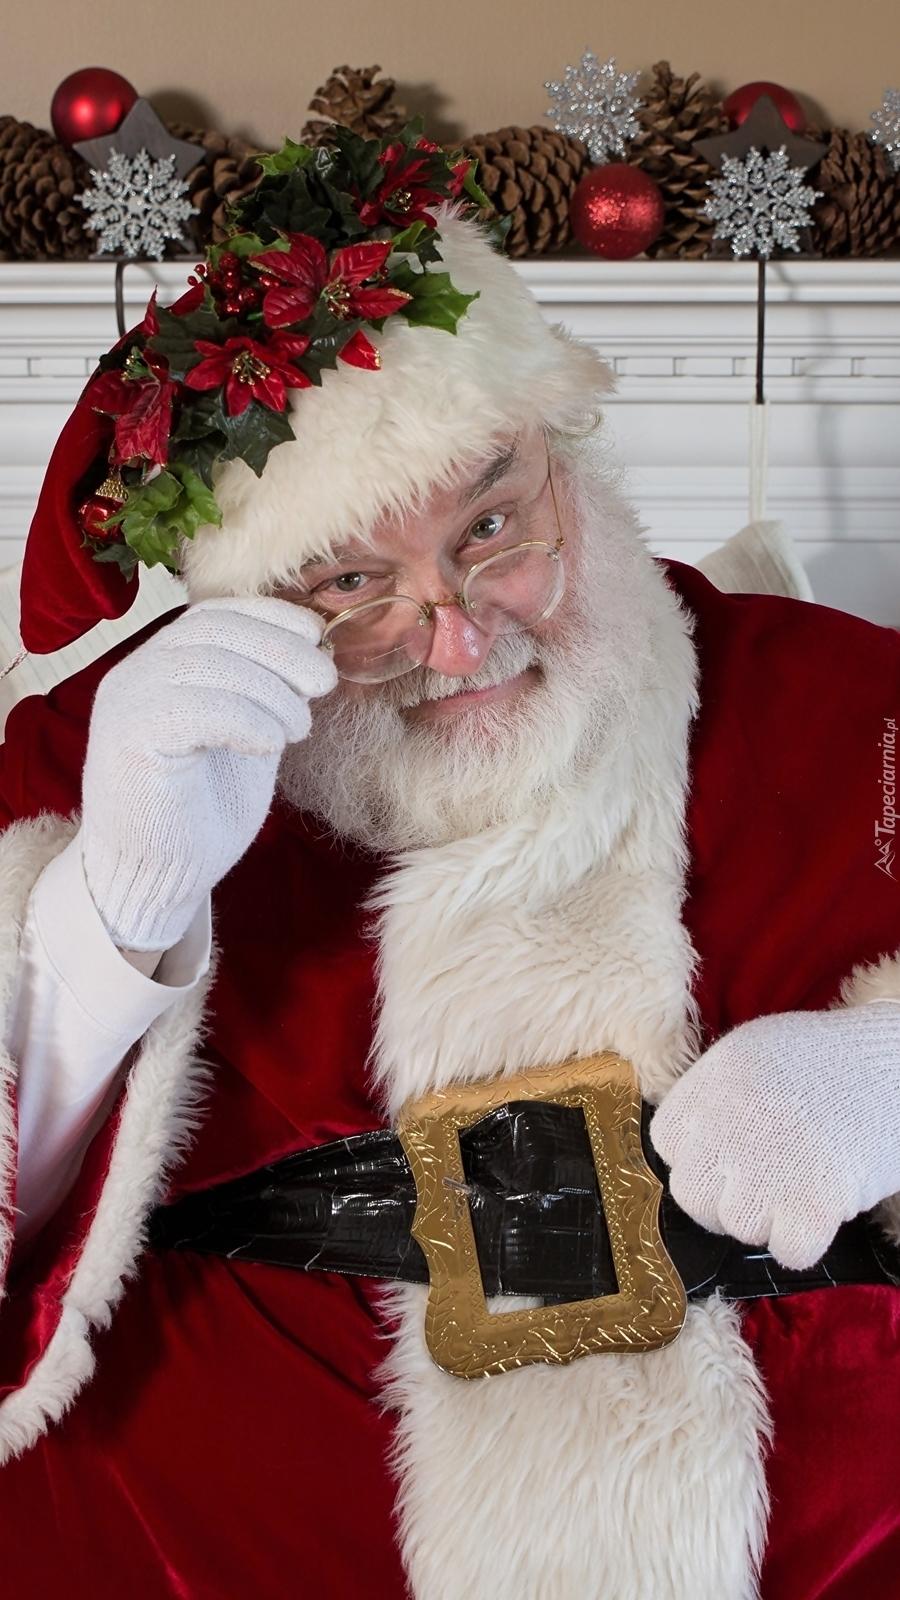 Mikołaj zerkający zza okularów